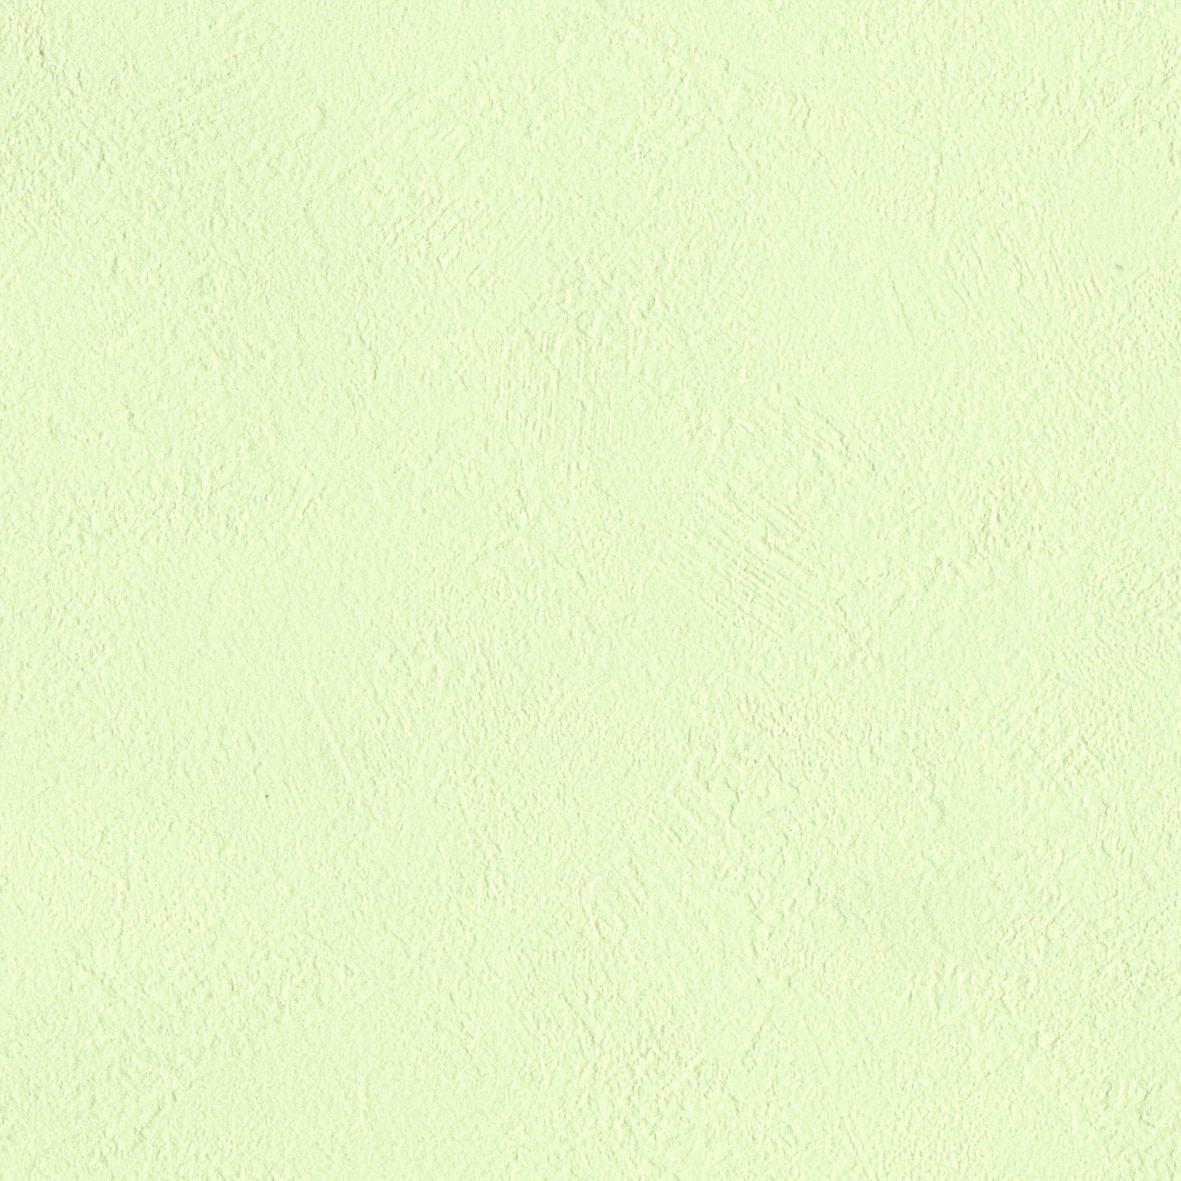 リリカラ 壁紙36m ナチュラル 石目調 グリーン カラーバリエーション LV-6179 B01IHQCPOC 36m|グリーン